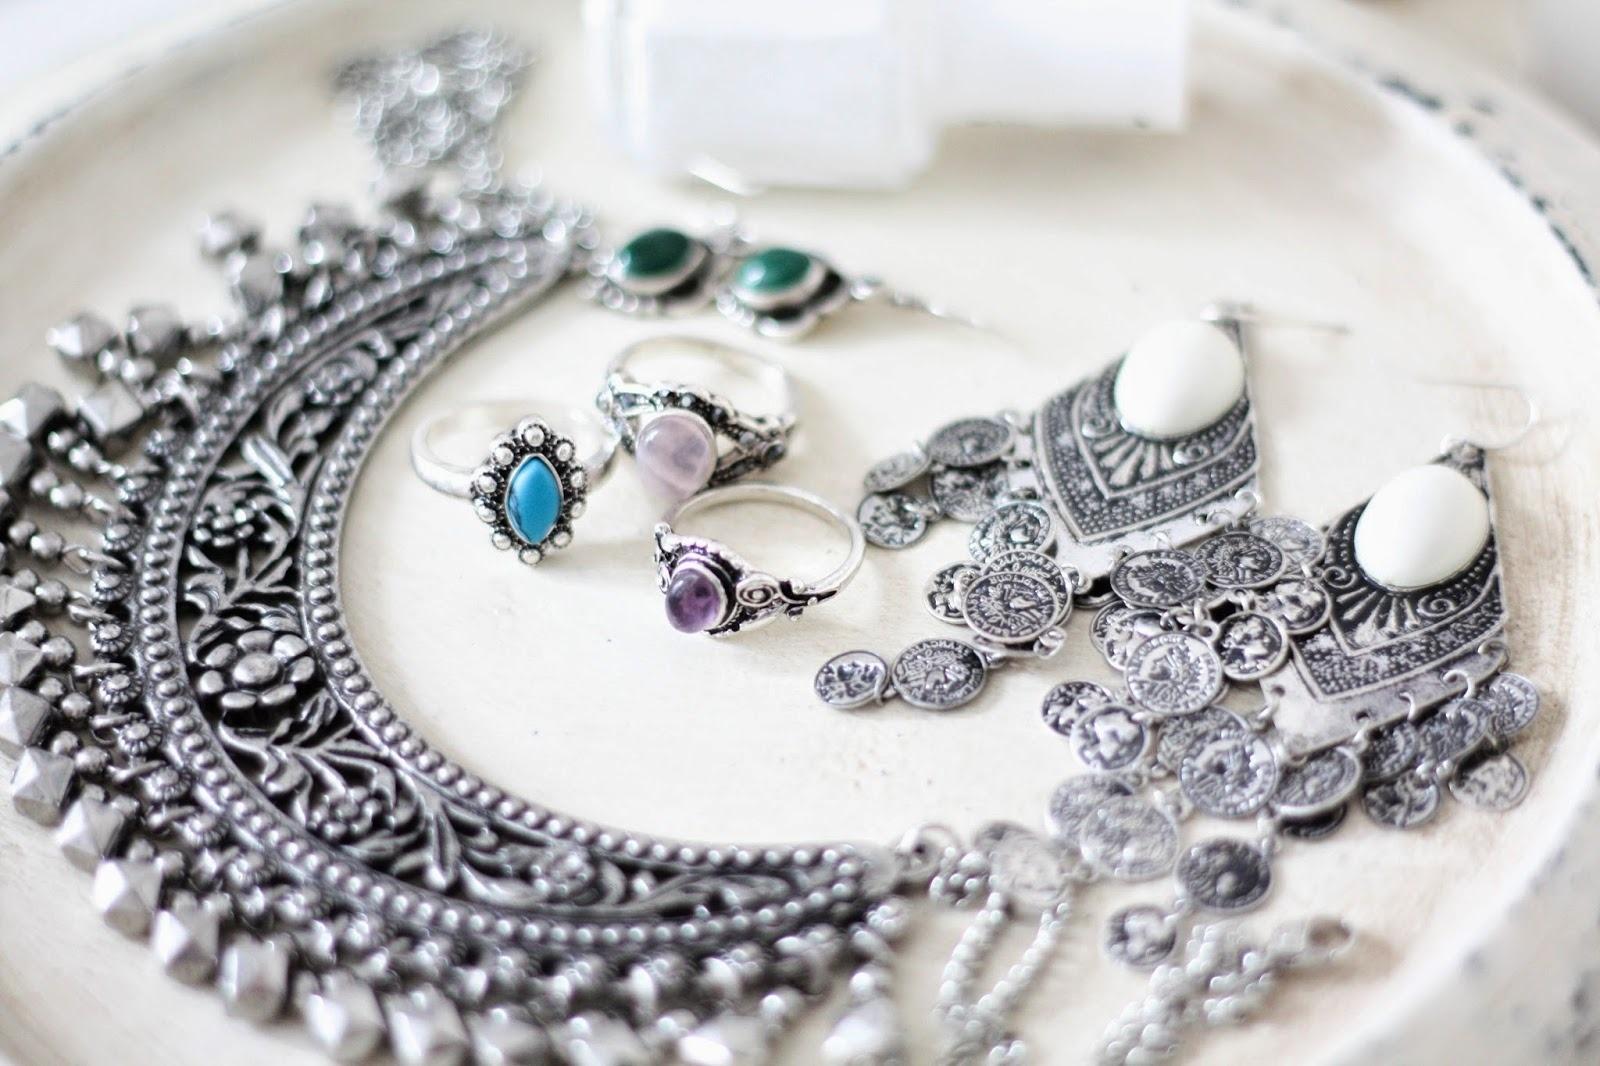 Mua trang sức bạc tại Bali về làm quà